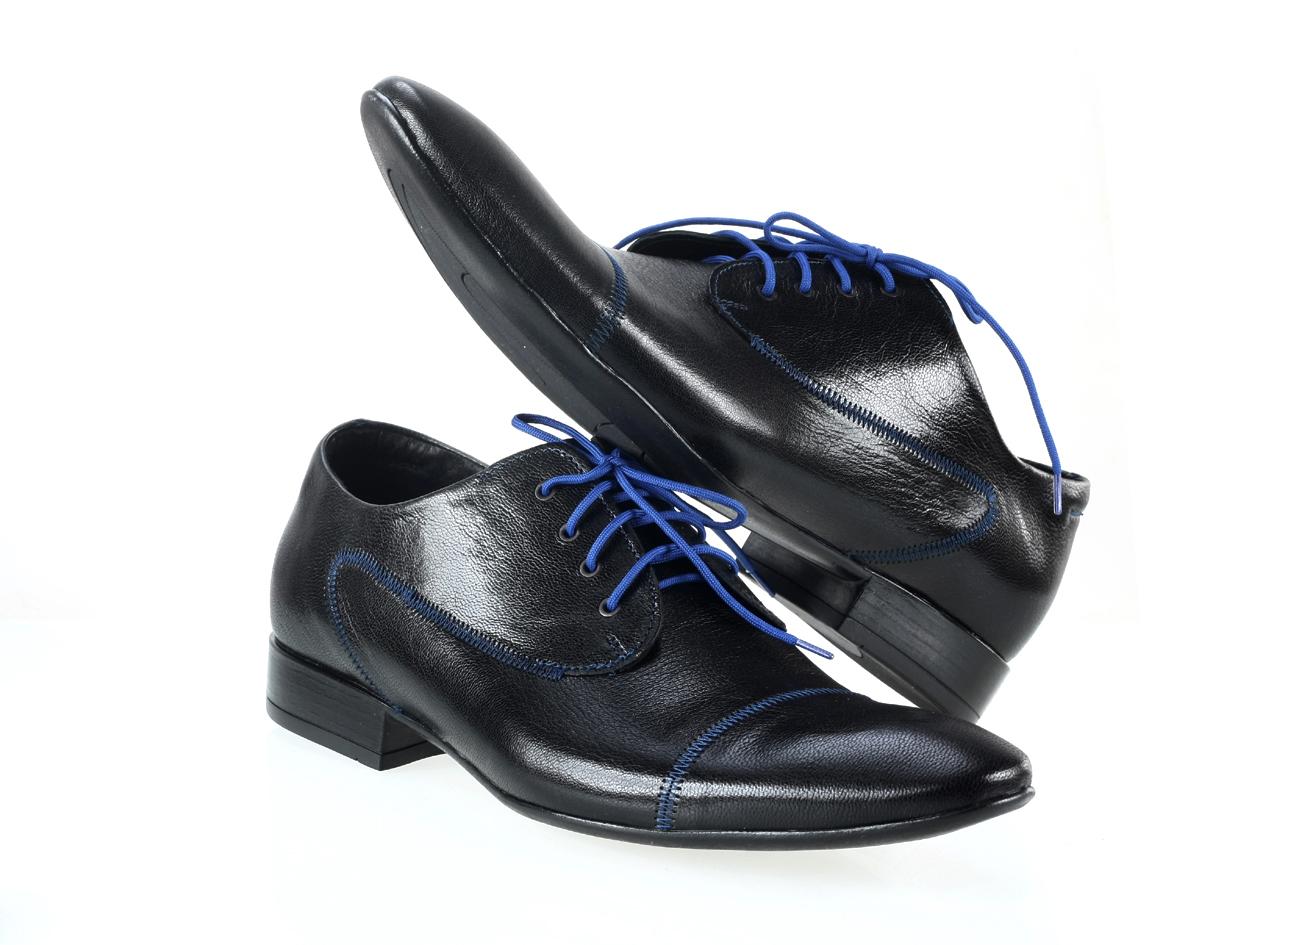 94bddad70599c TOPOBUV - Pánska spoločenská obuv 211/G01 Nero capra